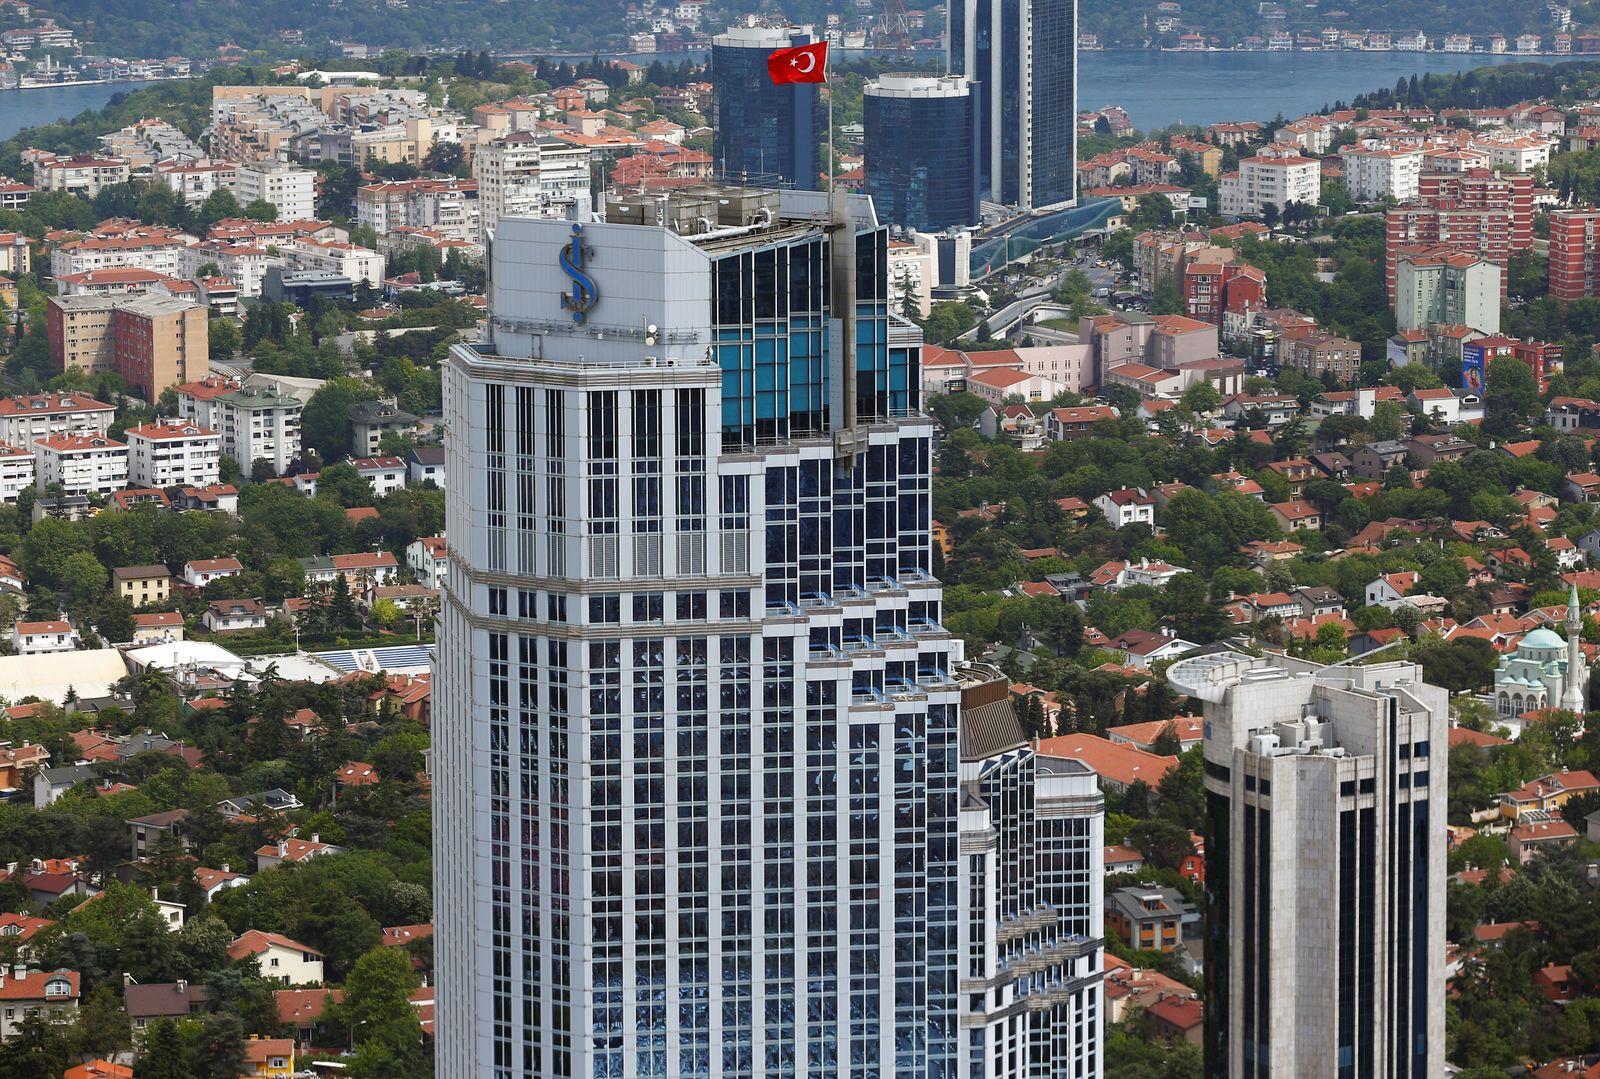 Türkei / Banken / Bankenviertel / Konjunktur / Wirtschaft